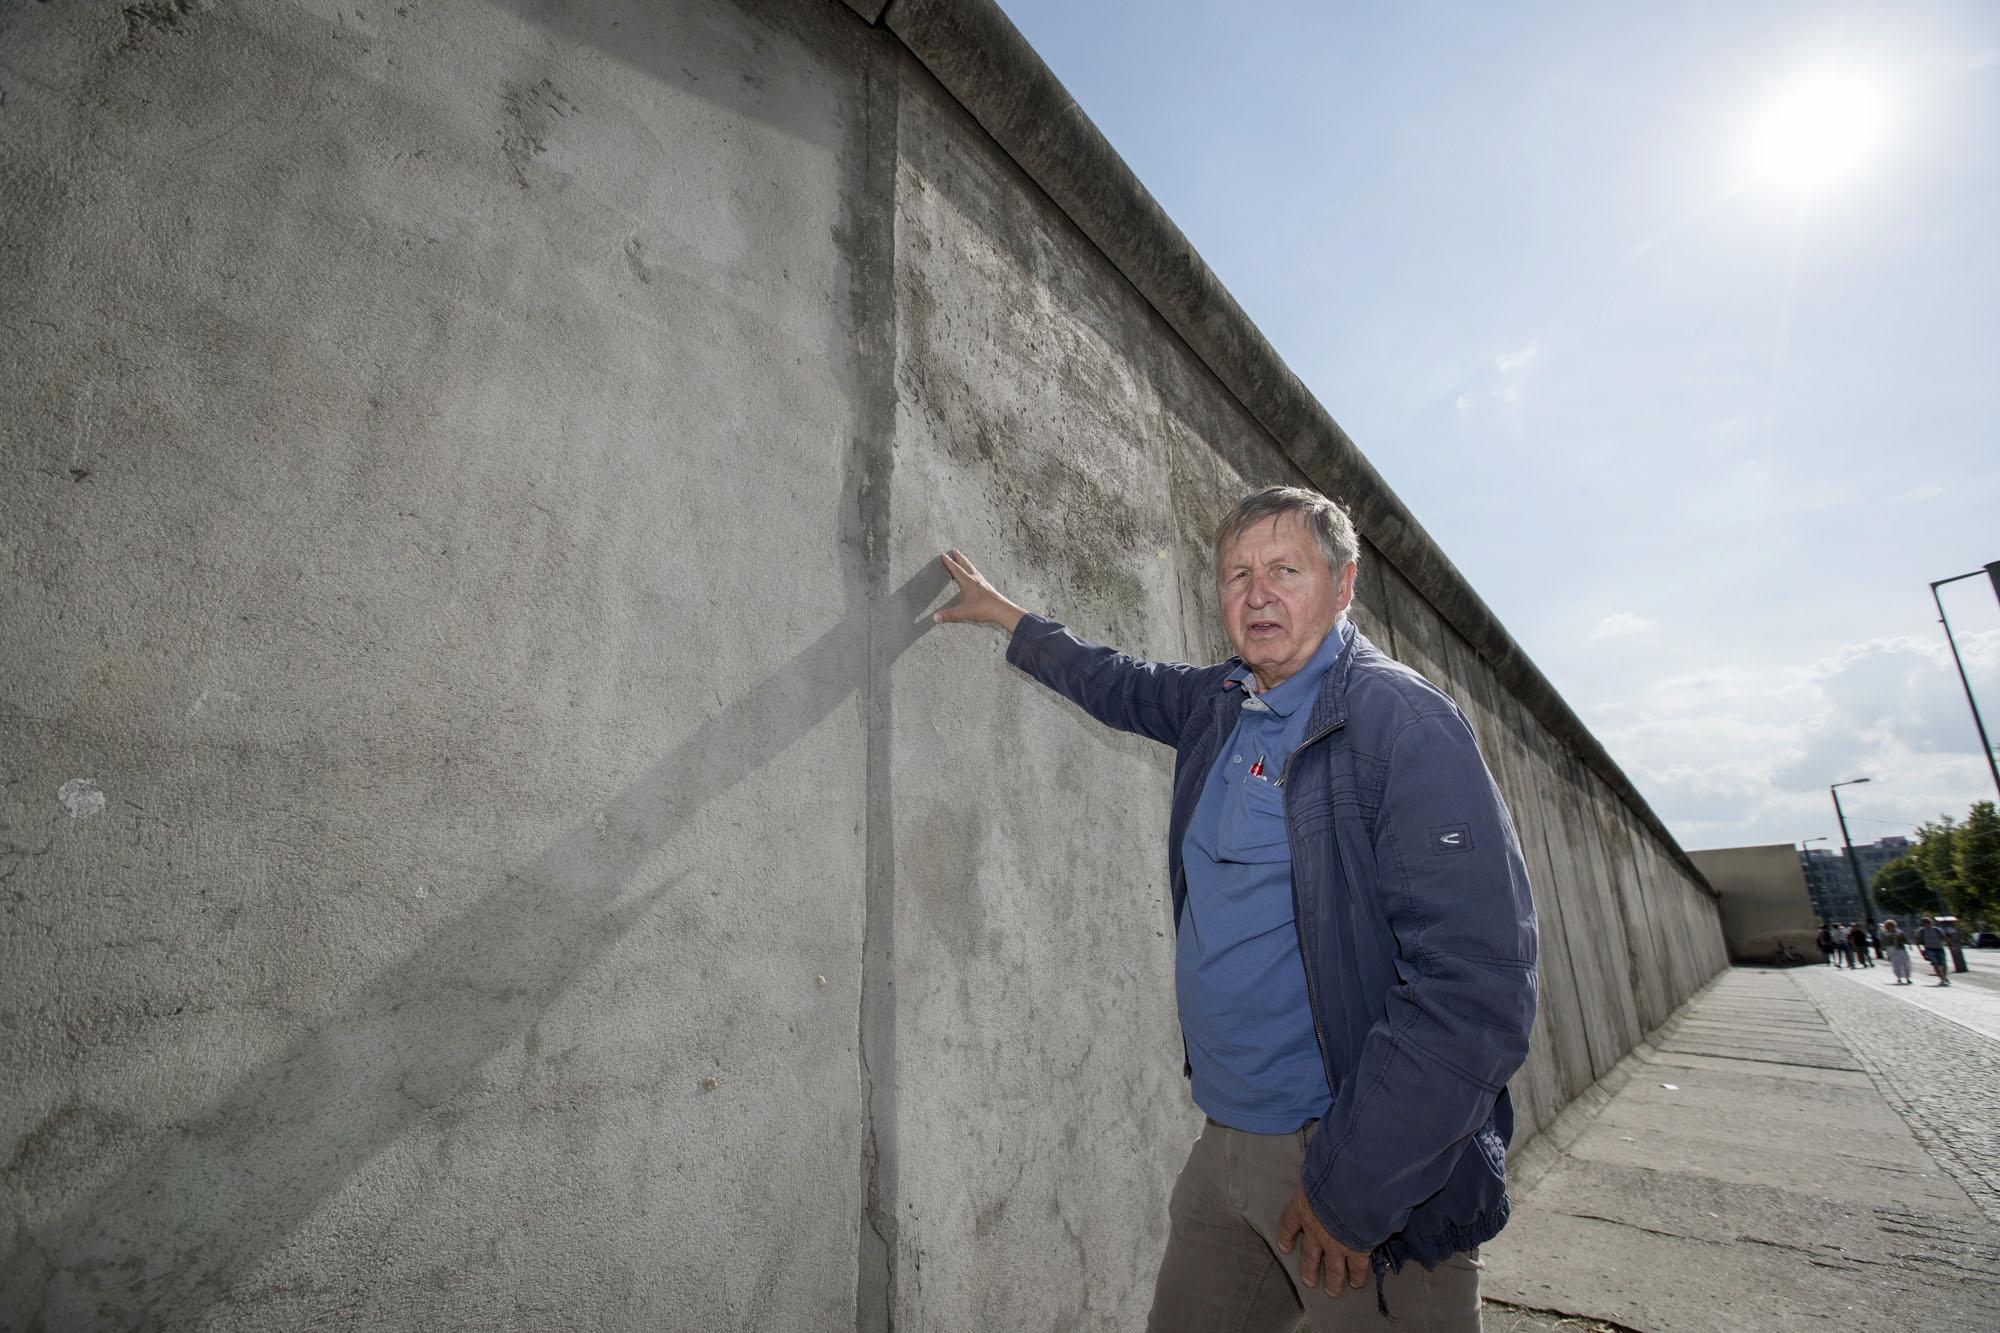 保存されている「ベルリンの壁」を訪れたハルトムート・リヒター。現存する壁の多くは色とりどりの落書きで覆われているが、ここは冷戦当時の灰色のまま残されている=9月、ベルリン(共同)